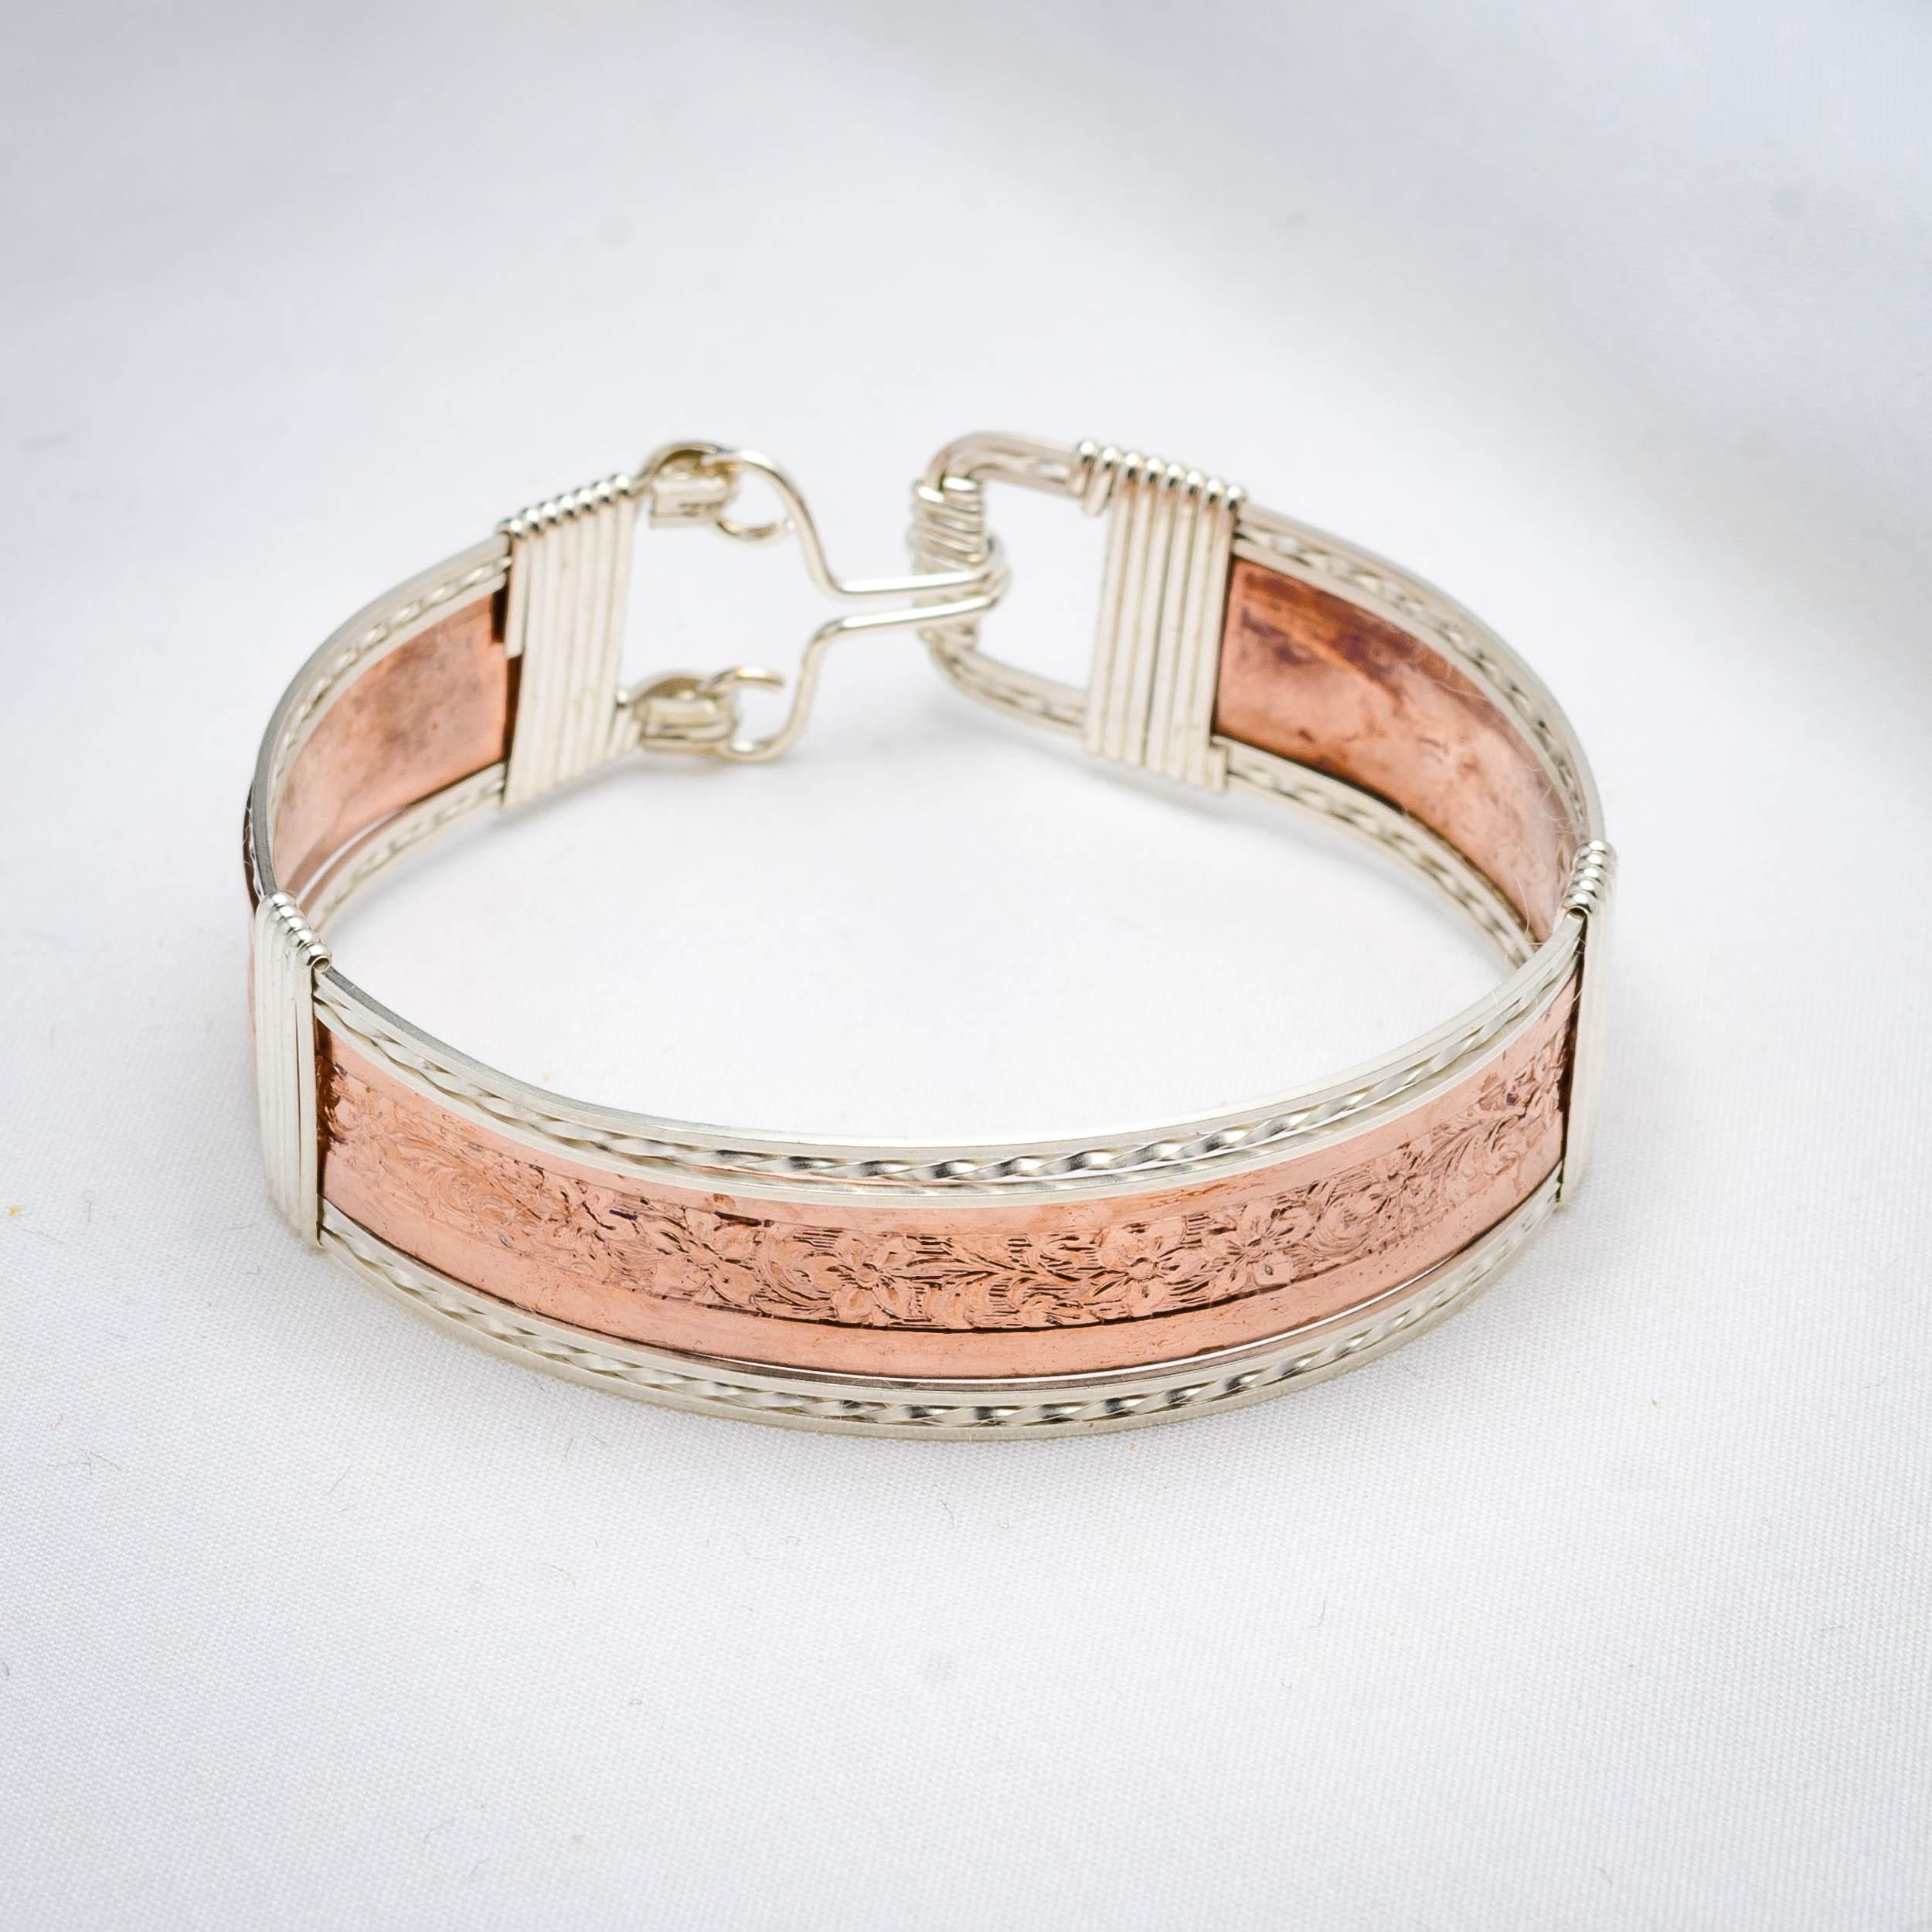 Bracelet_117.JPG